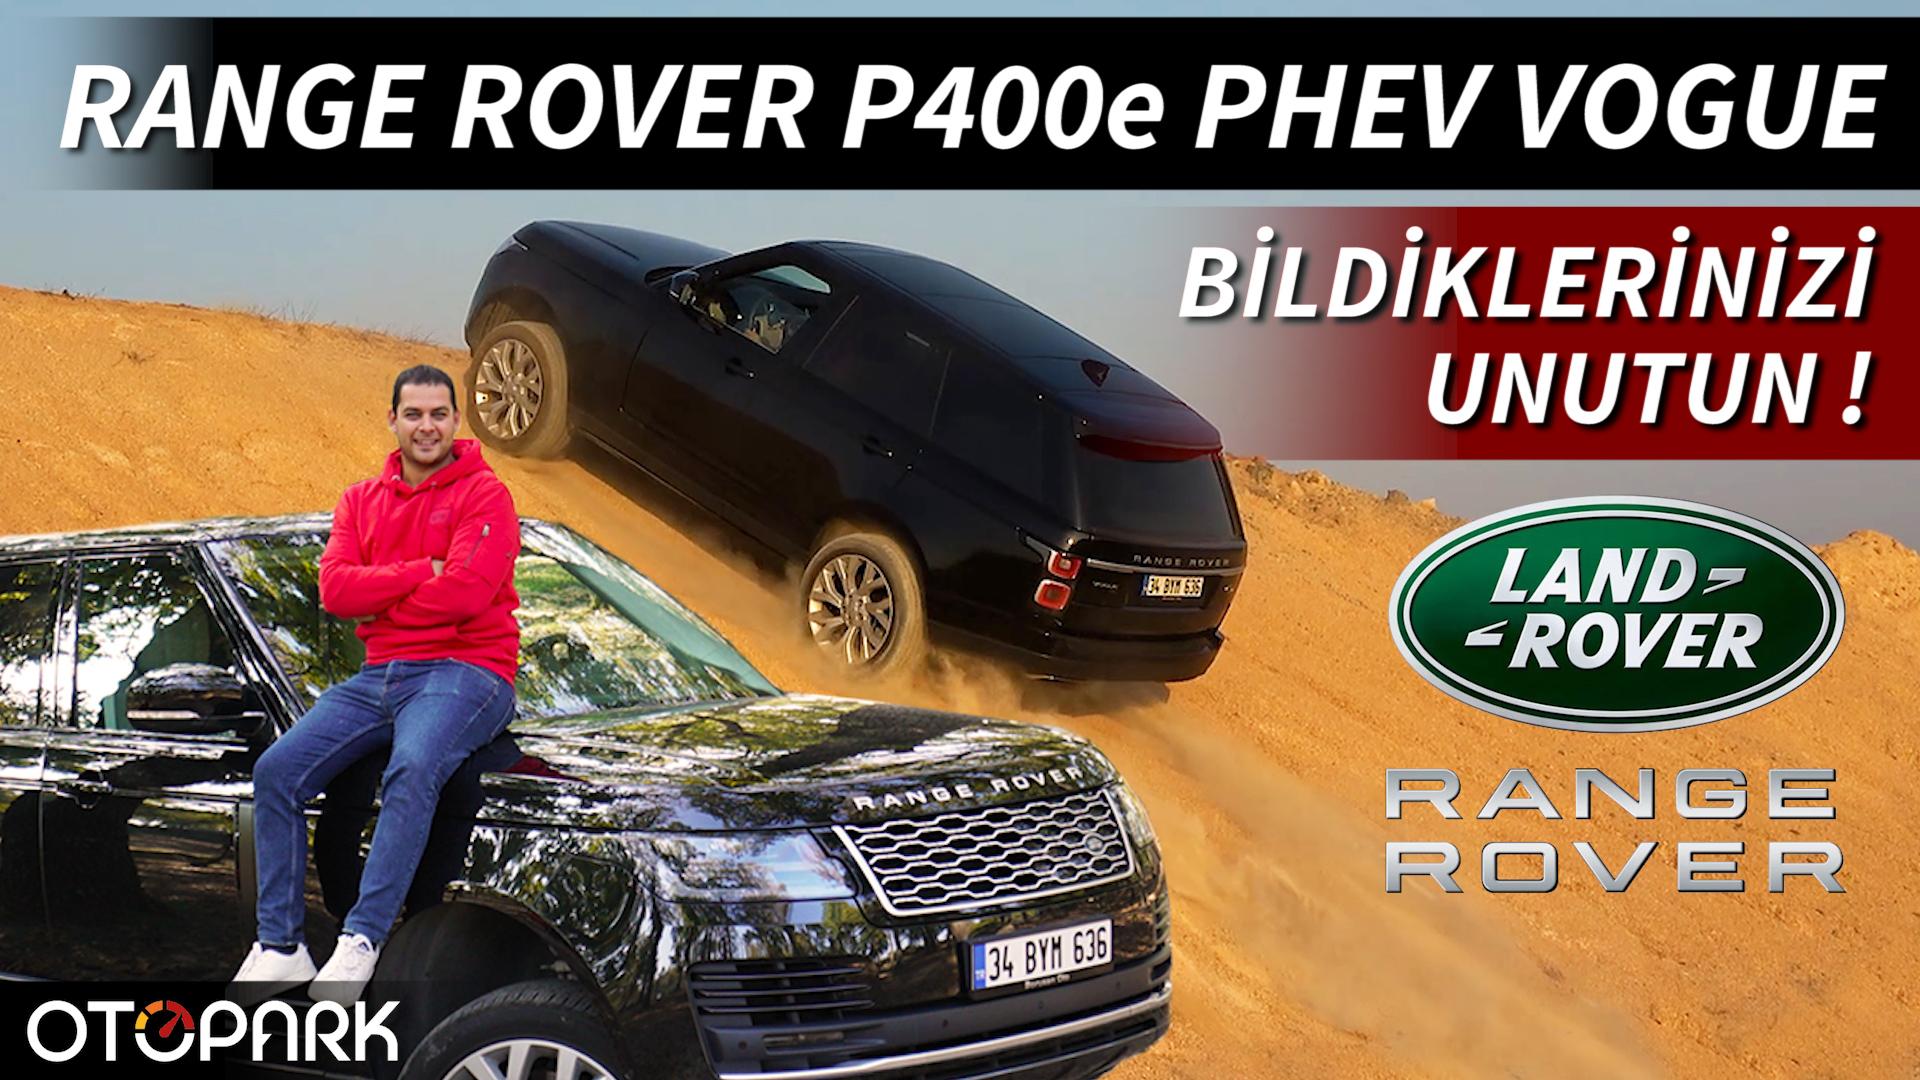 Photo of Range Rover P400e | Arazide nasıl ? | TEST